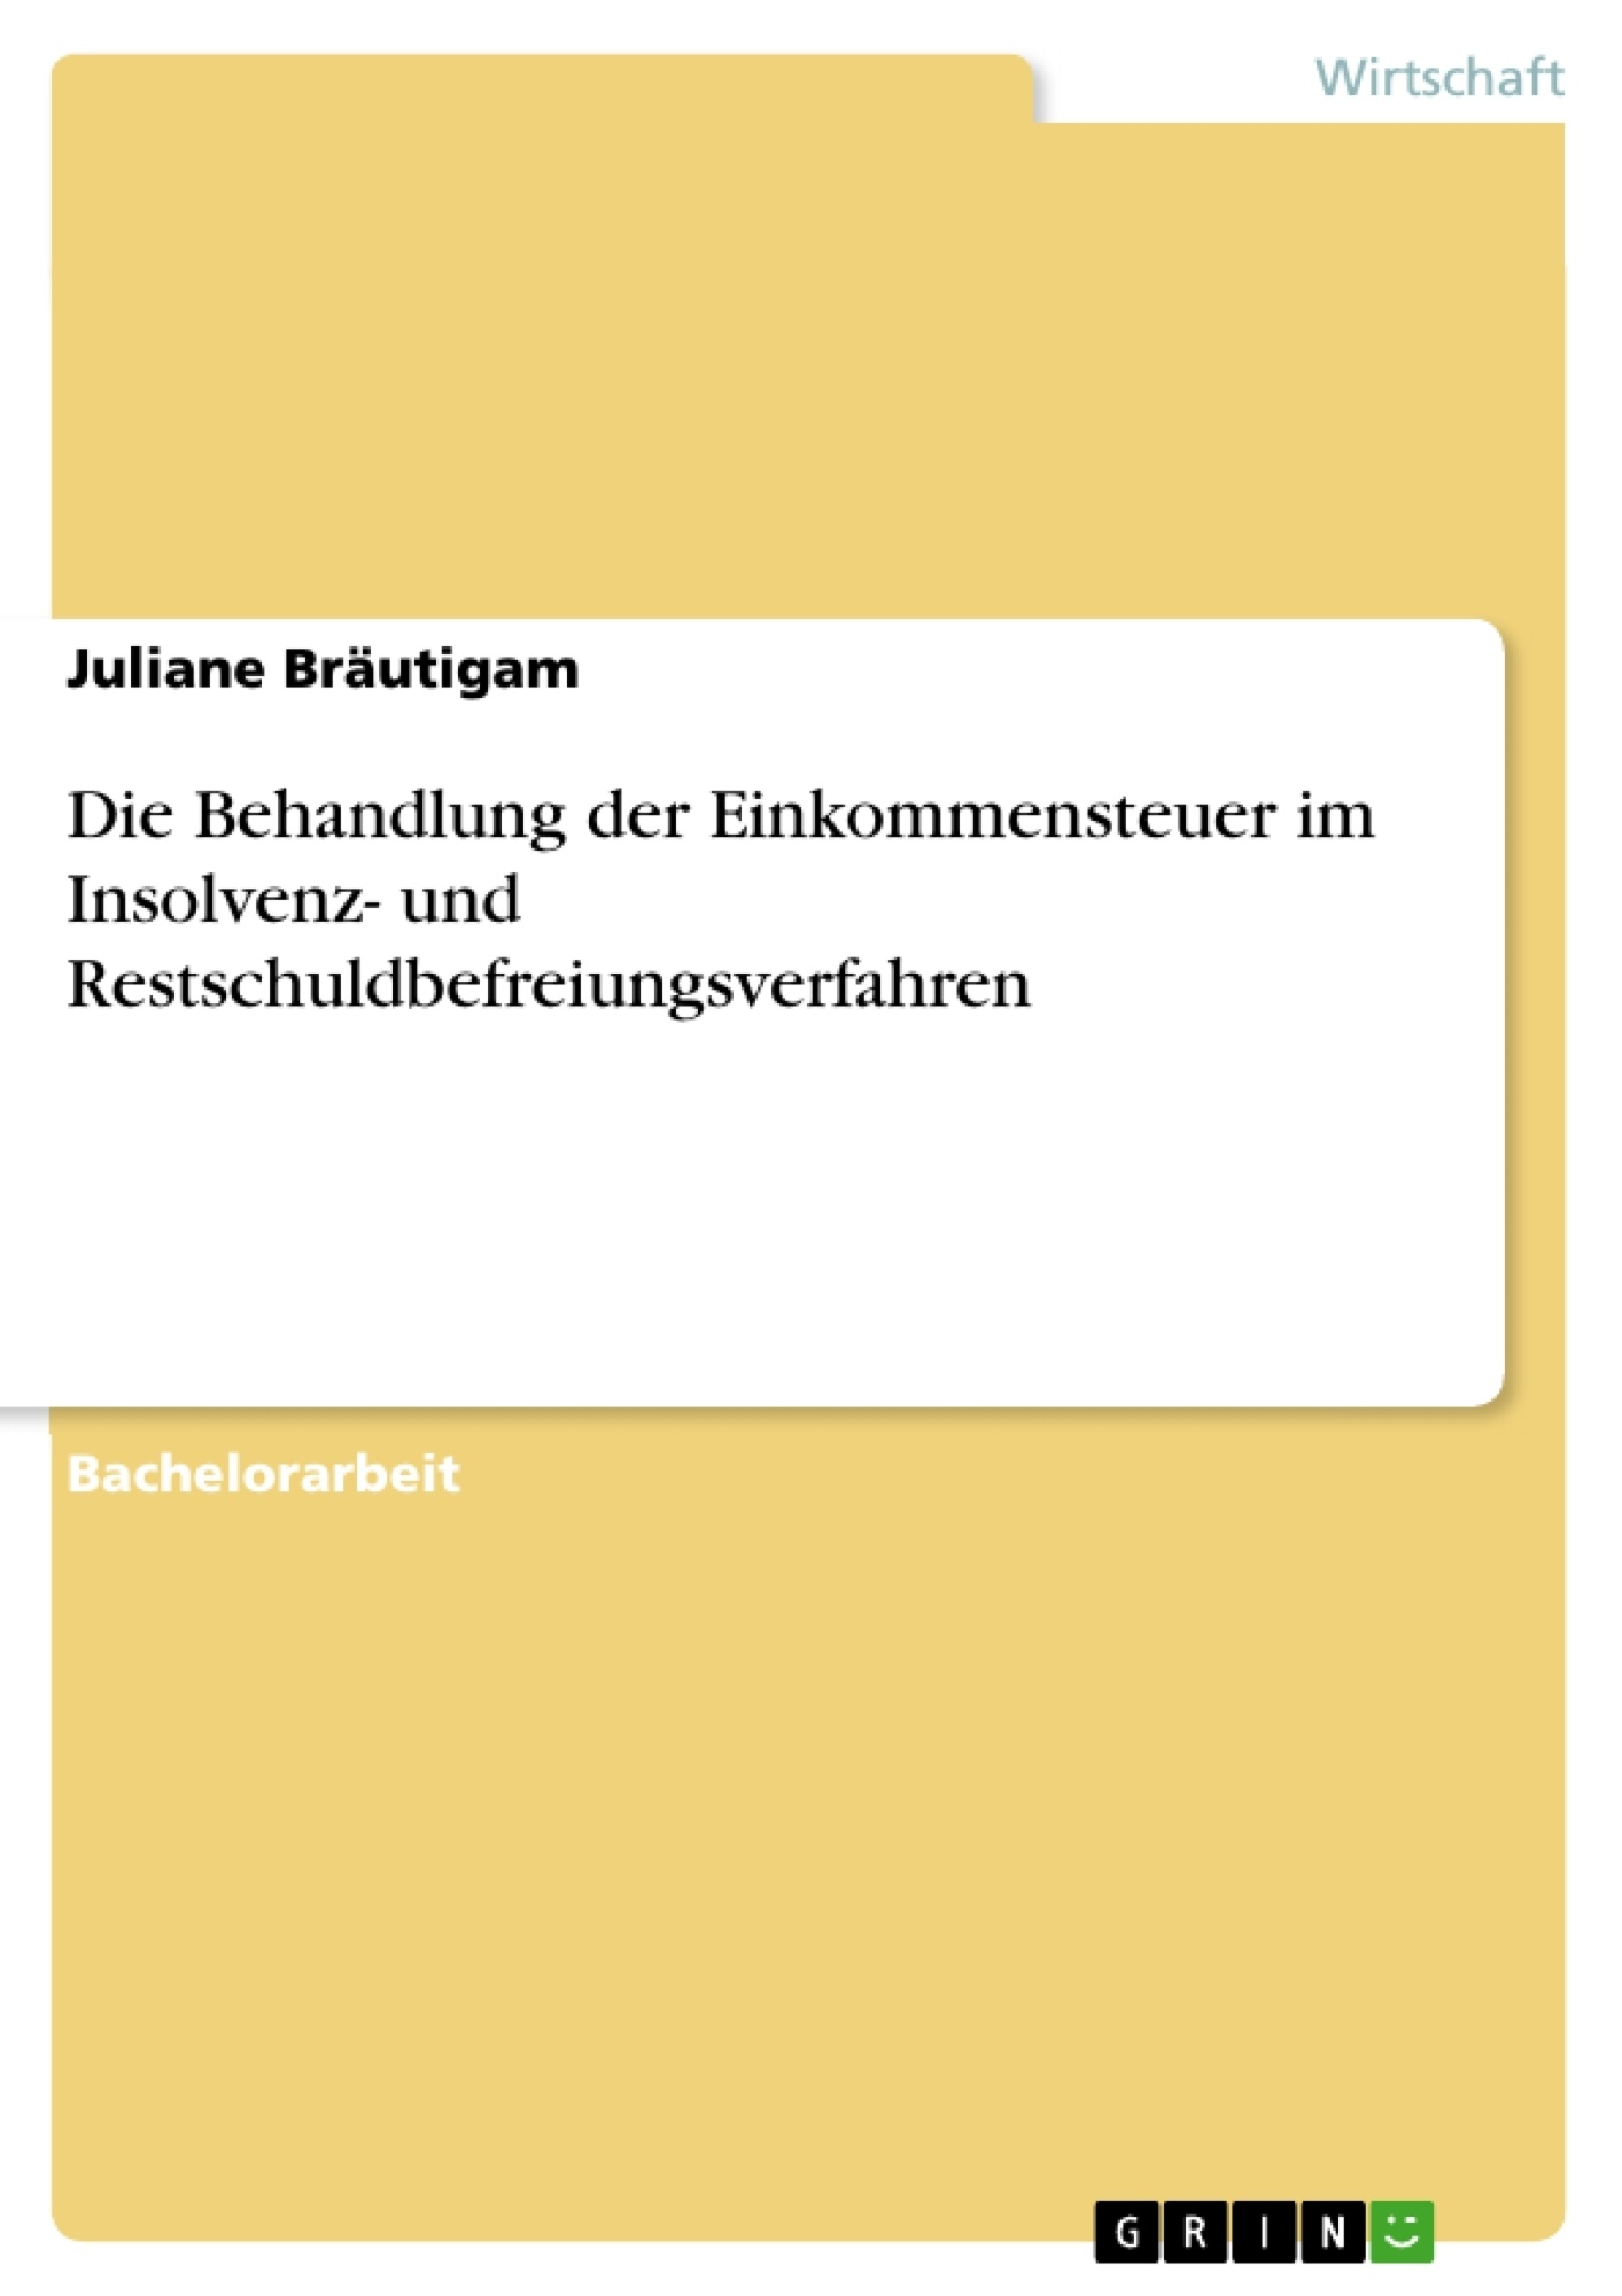 Titel: Die Behandlung der Einkommensteuer im Insolvenz- und Restschuldbefreiungsverfahren